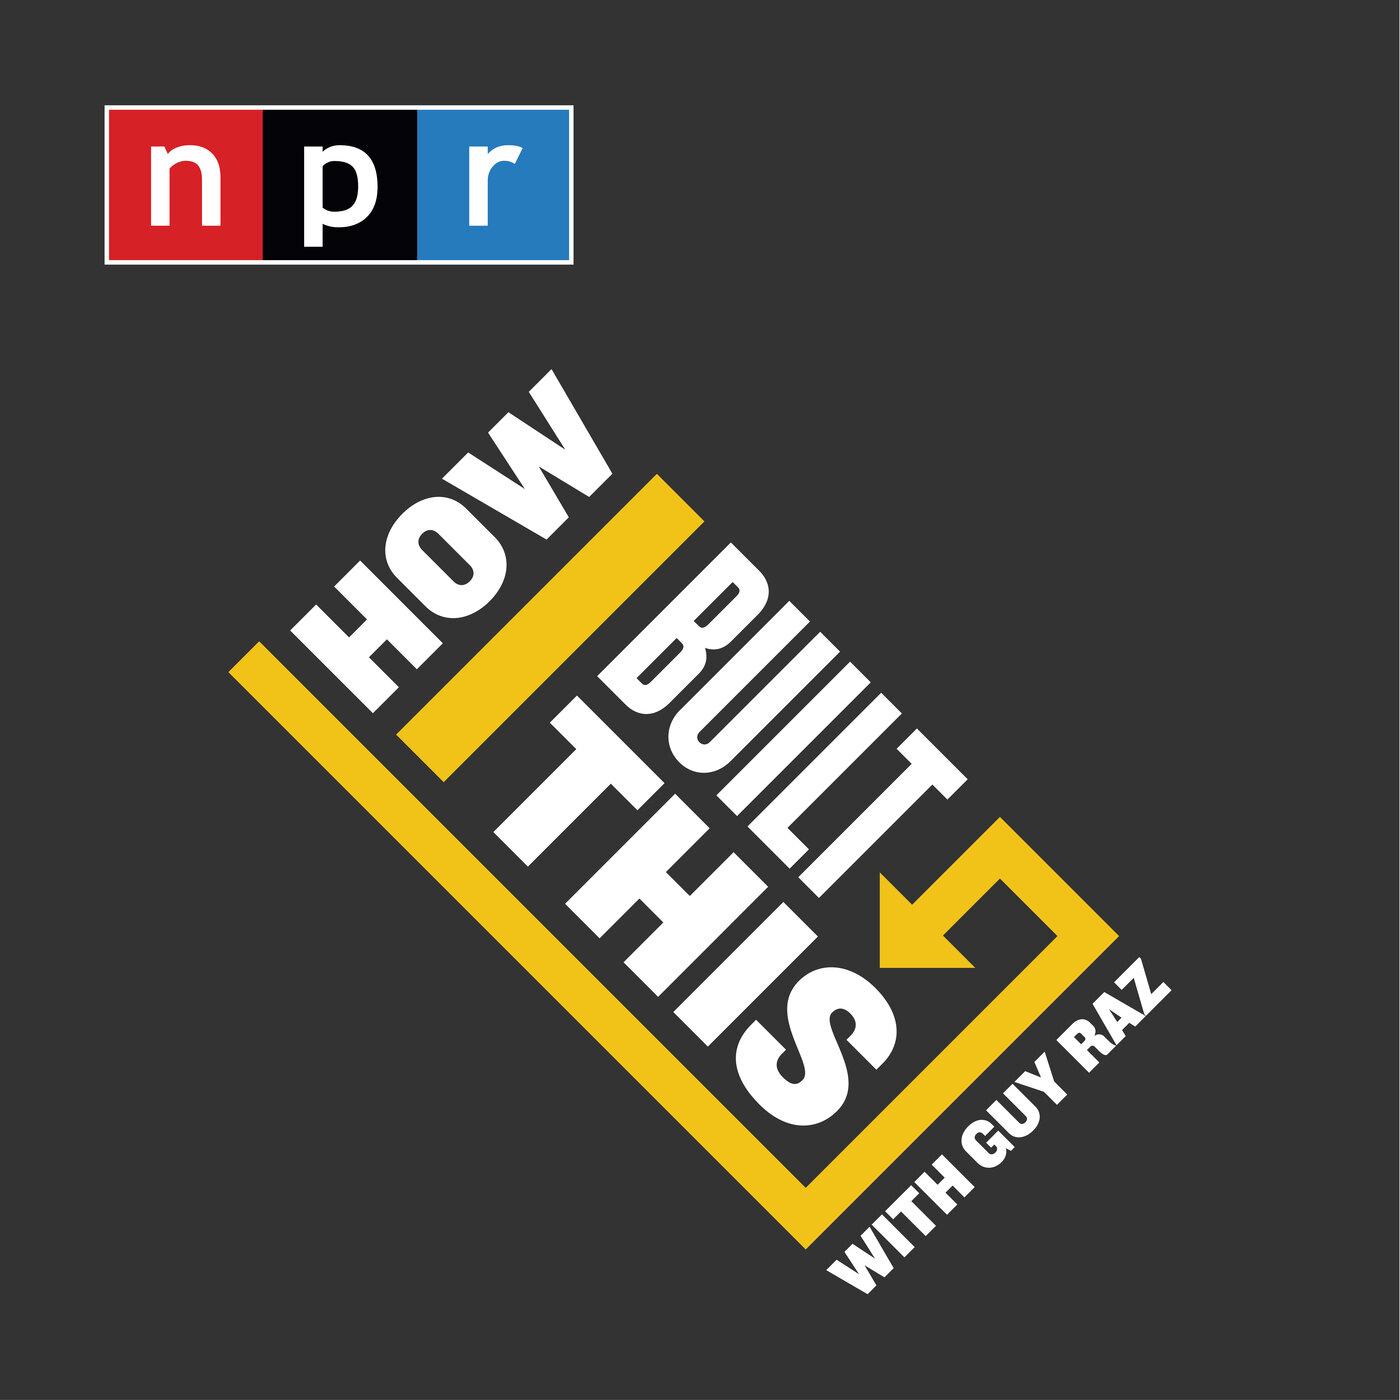 How I built this Guy Roz (NPR)